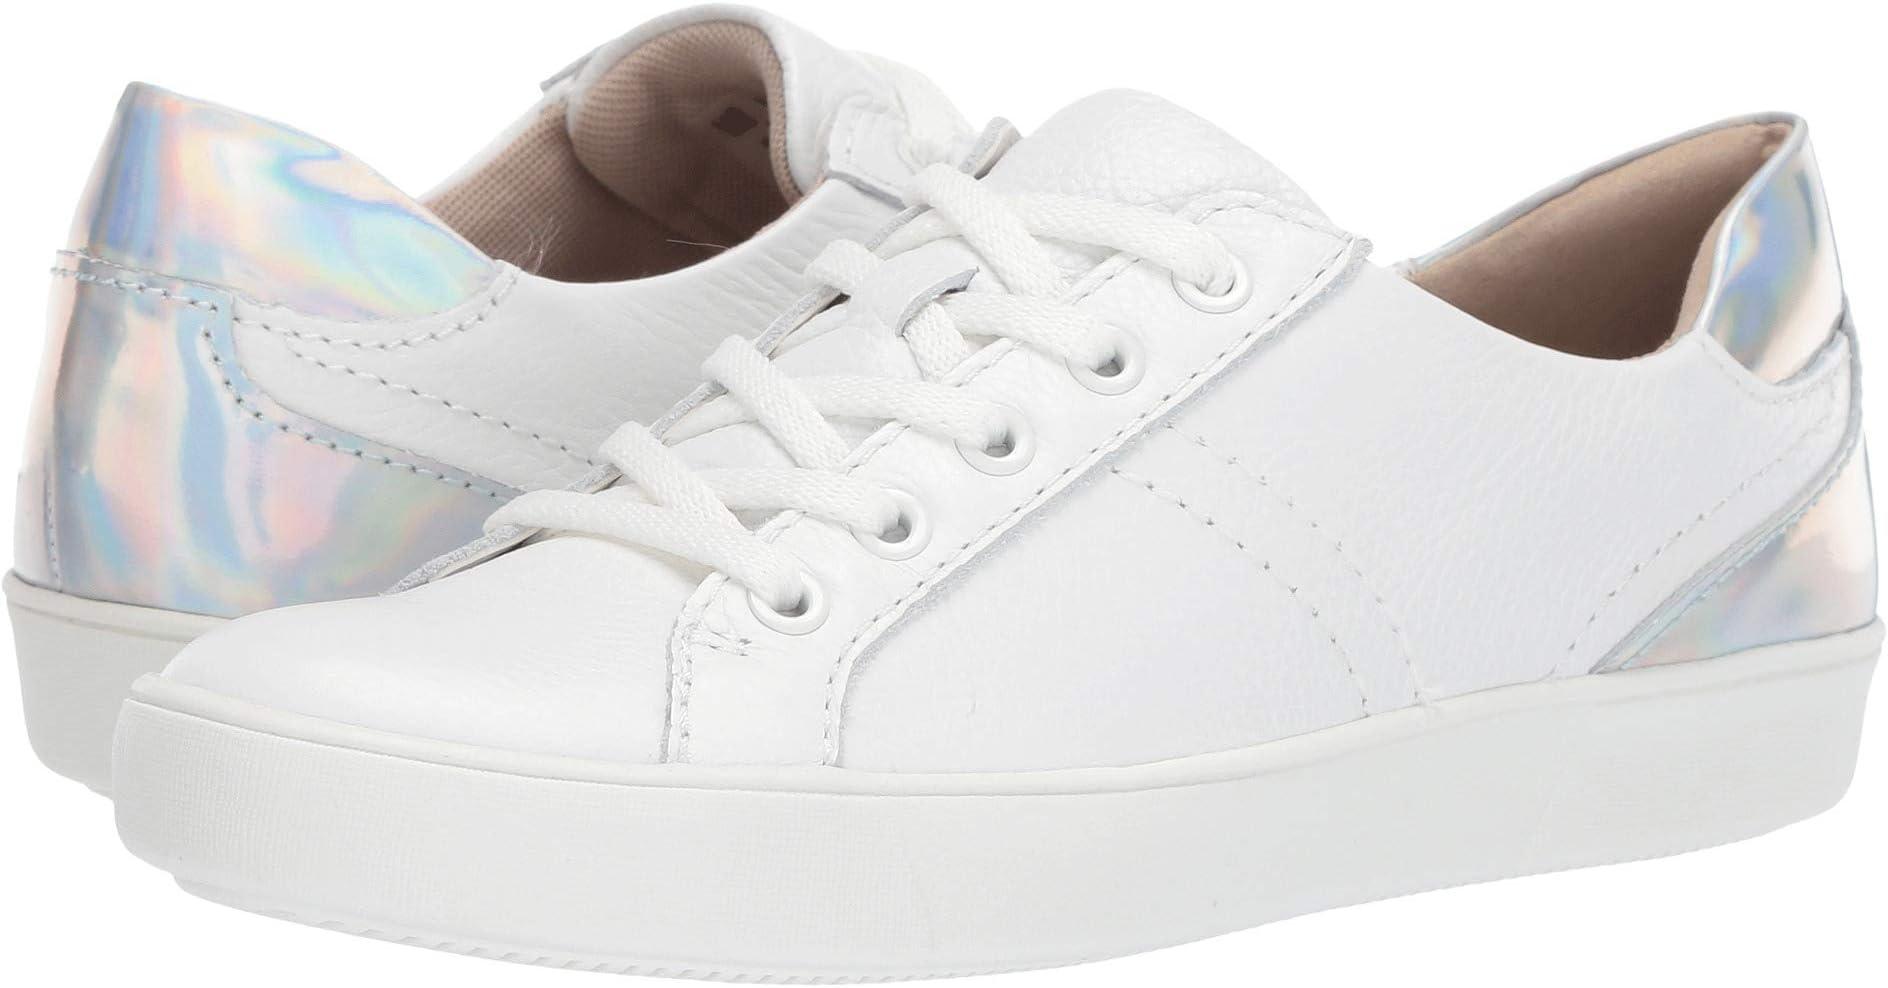 eda85c3a7d5c Naturalizer Sandals